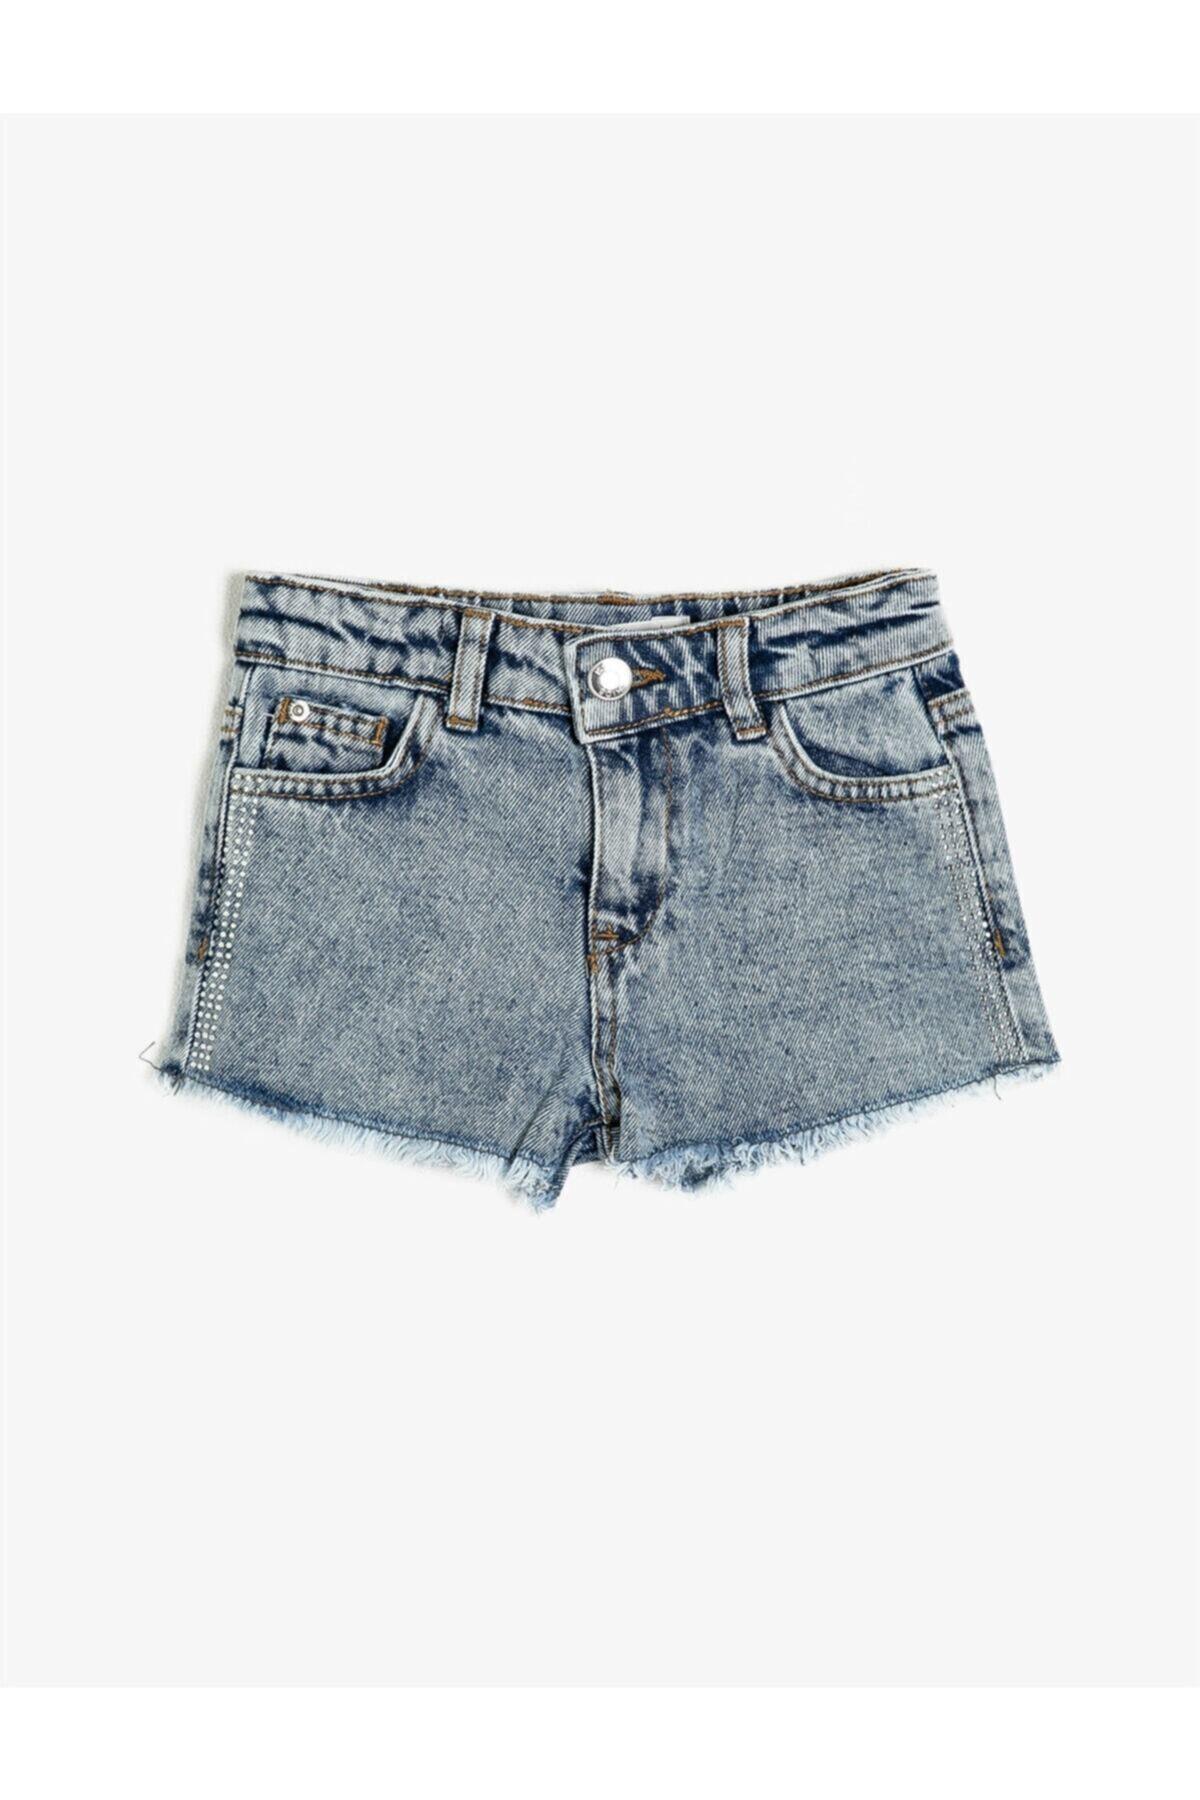 سفارش انلاین شورتک دخترانه ساده برند کوتون رنگ آبی کد ty39365298